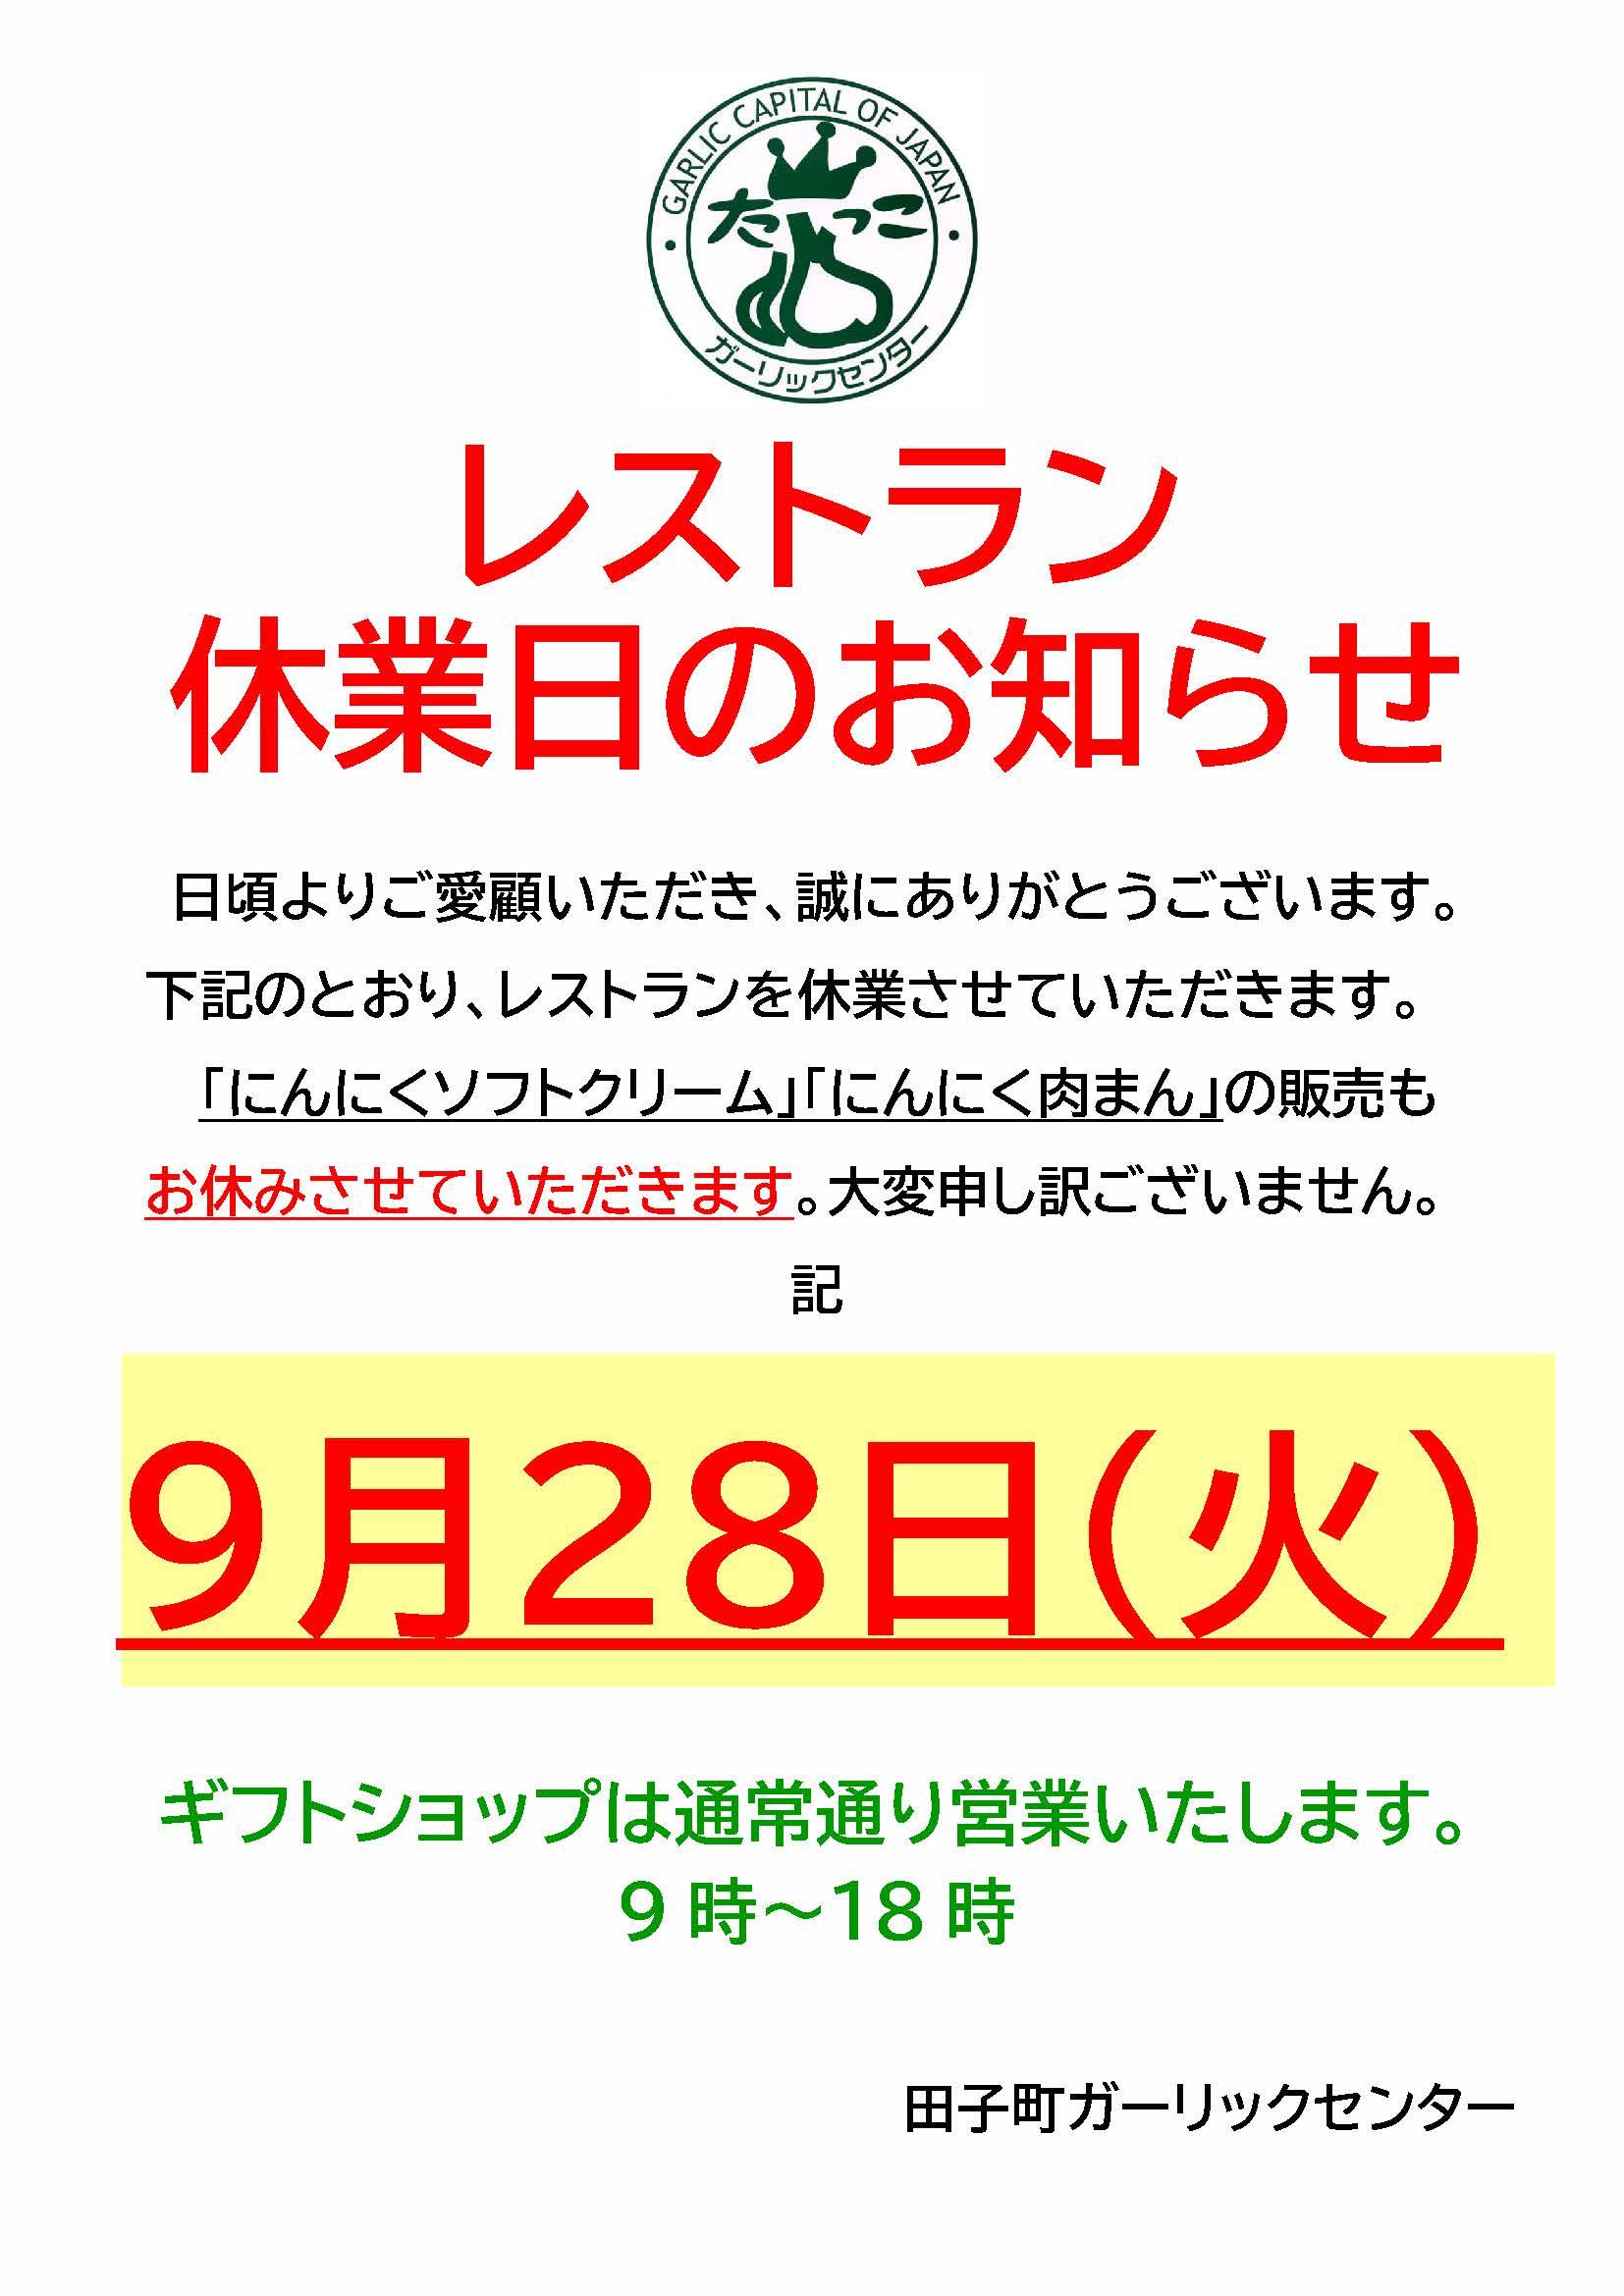 9/28(火)レストランお休み